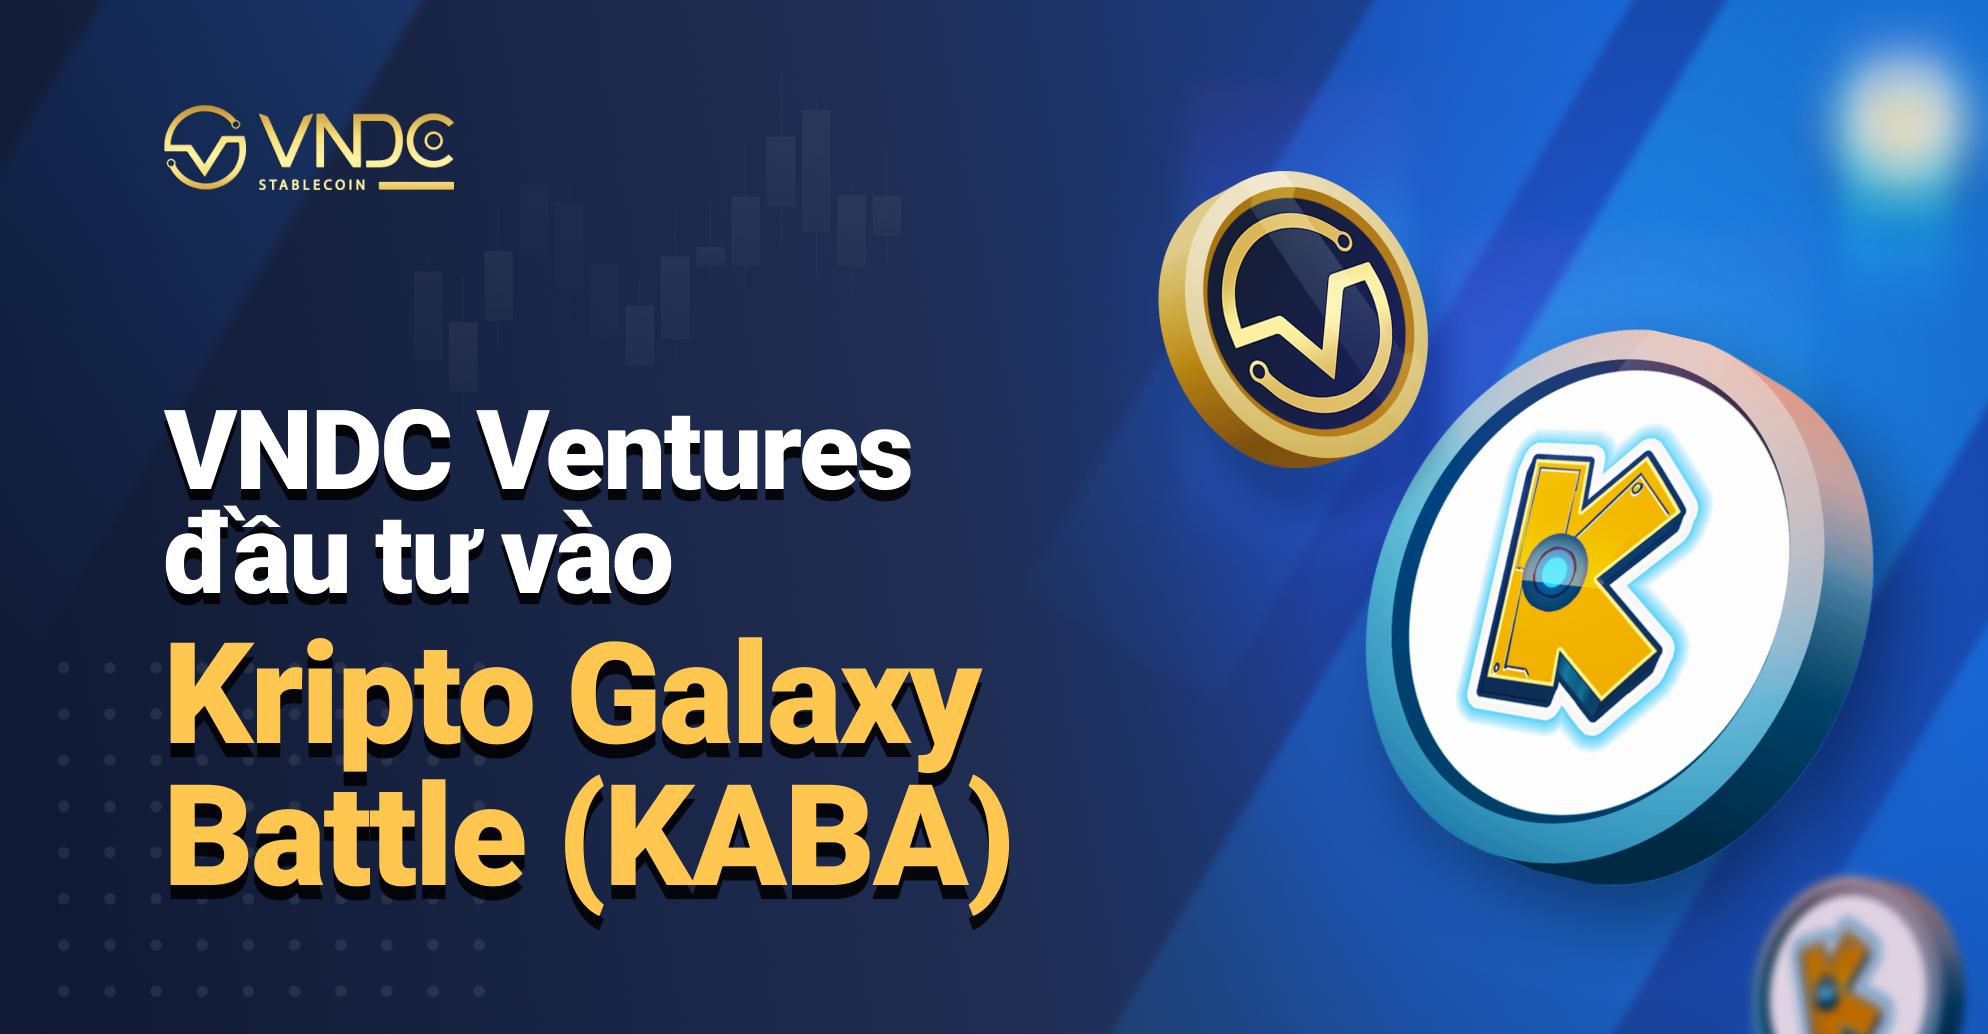 VNDC Ventures đầu tư vào Krip Galaxy Battle (KABA)